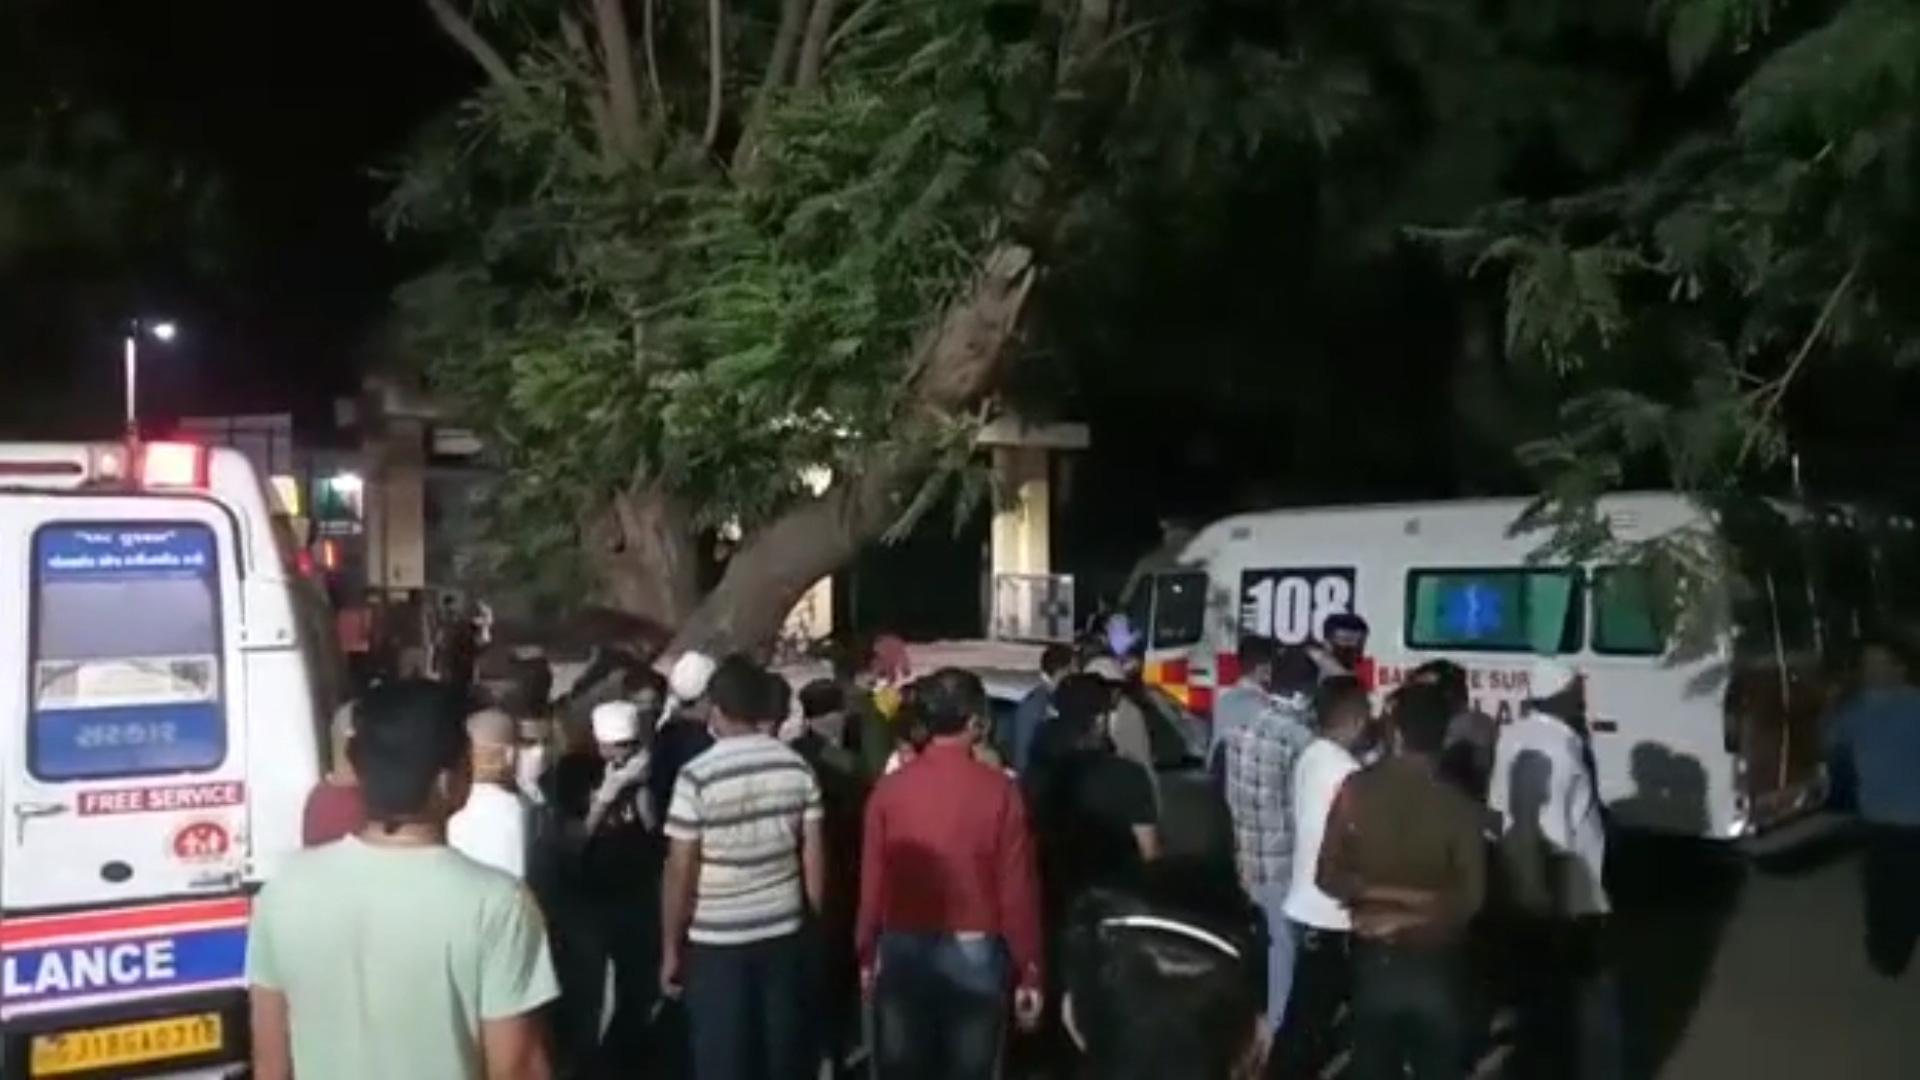 Ấn Độ: Cháy lớn tại bệnh viện ở thành phố Bharuch khiến 16 bệnh nhân COVID-19 thiệt mạng - Ảnh 2.